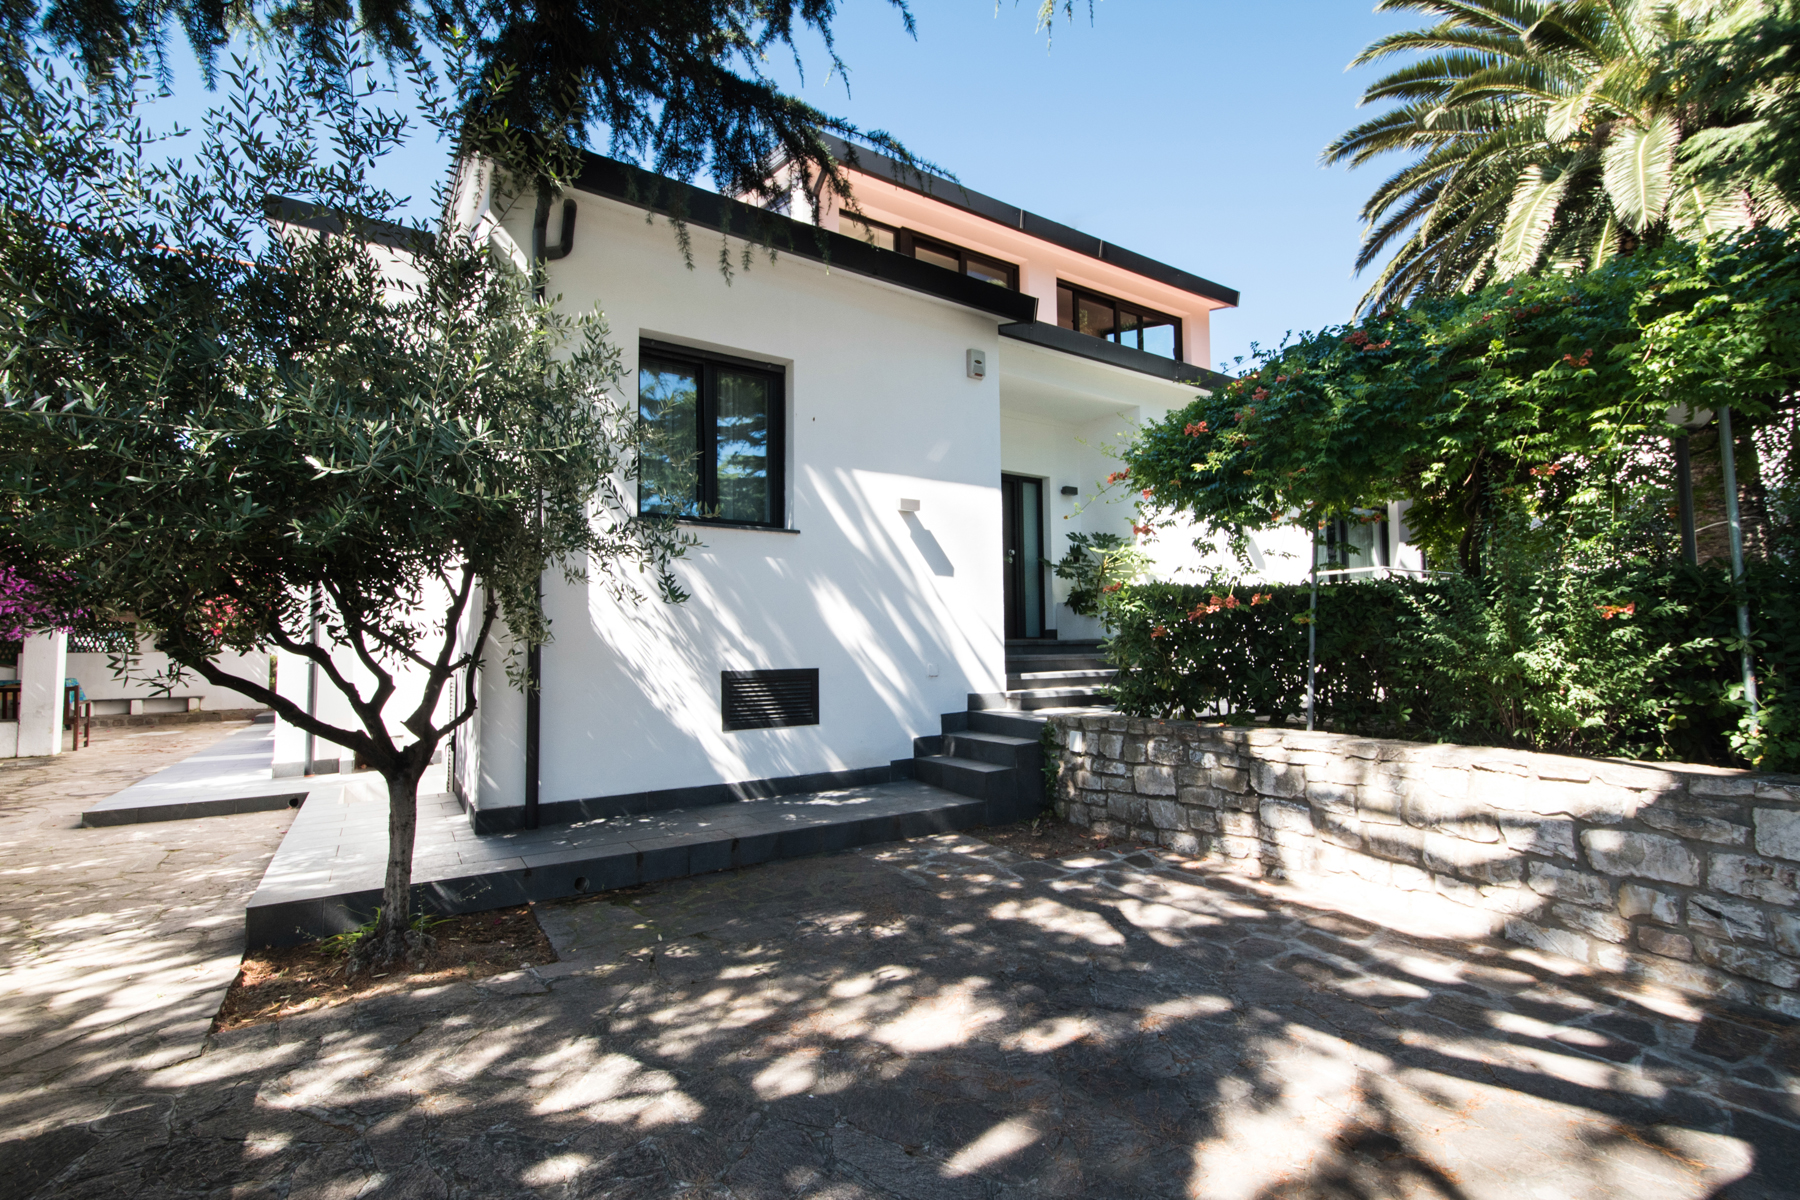 Villa in Vendita a Marciana Marina Centro: 5 locali, 450 mq